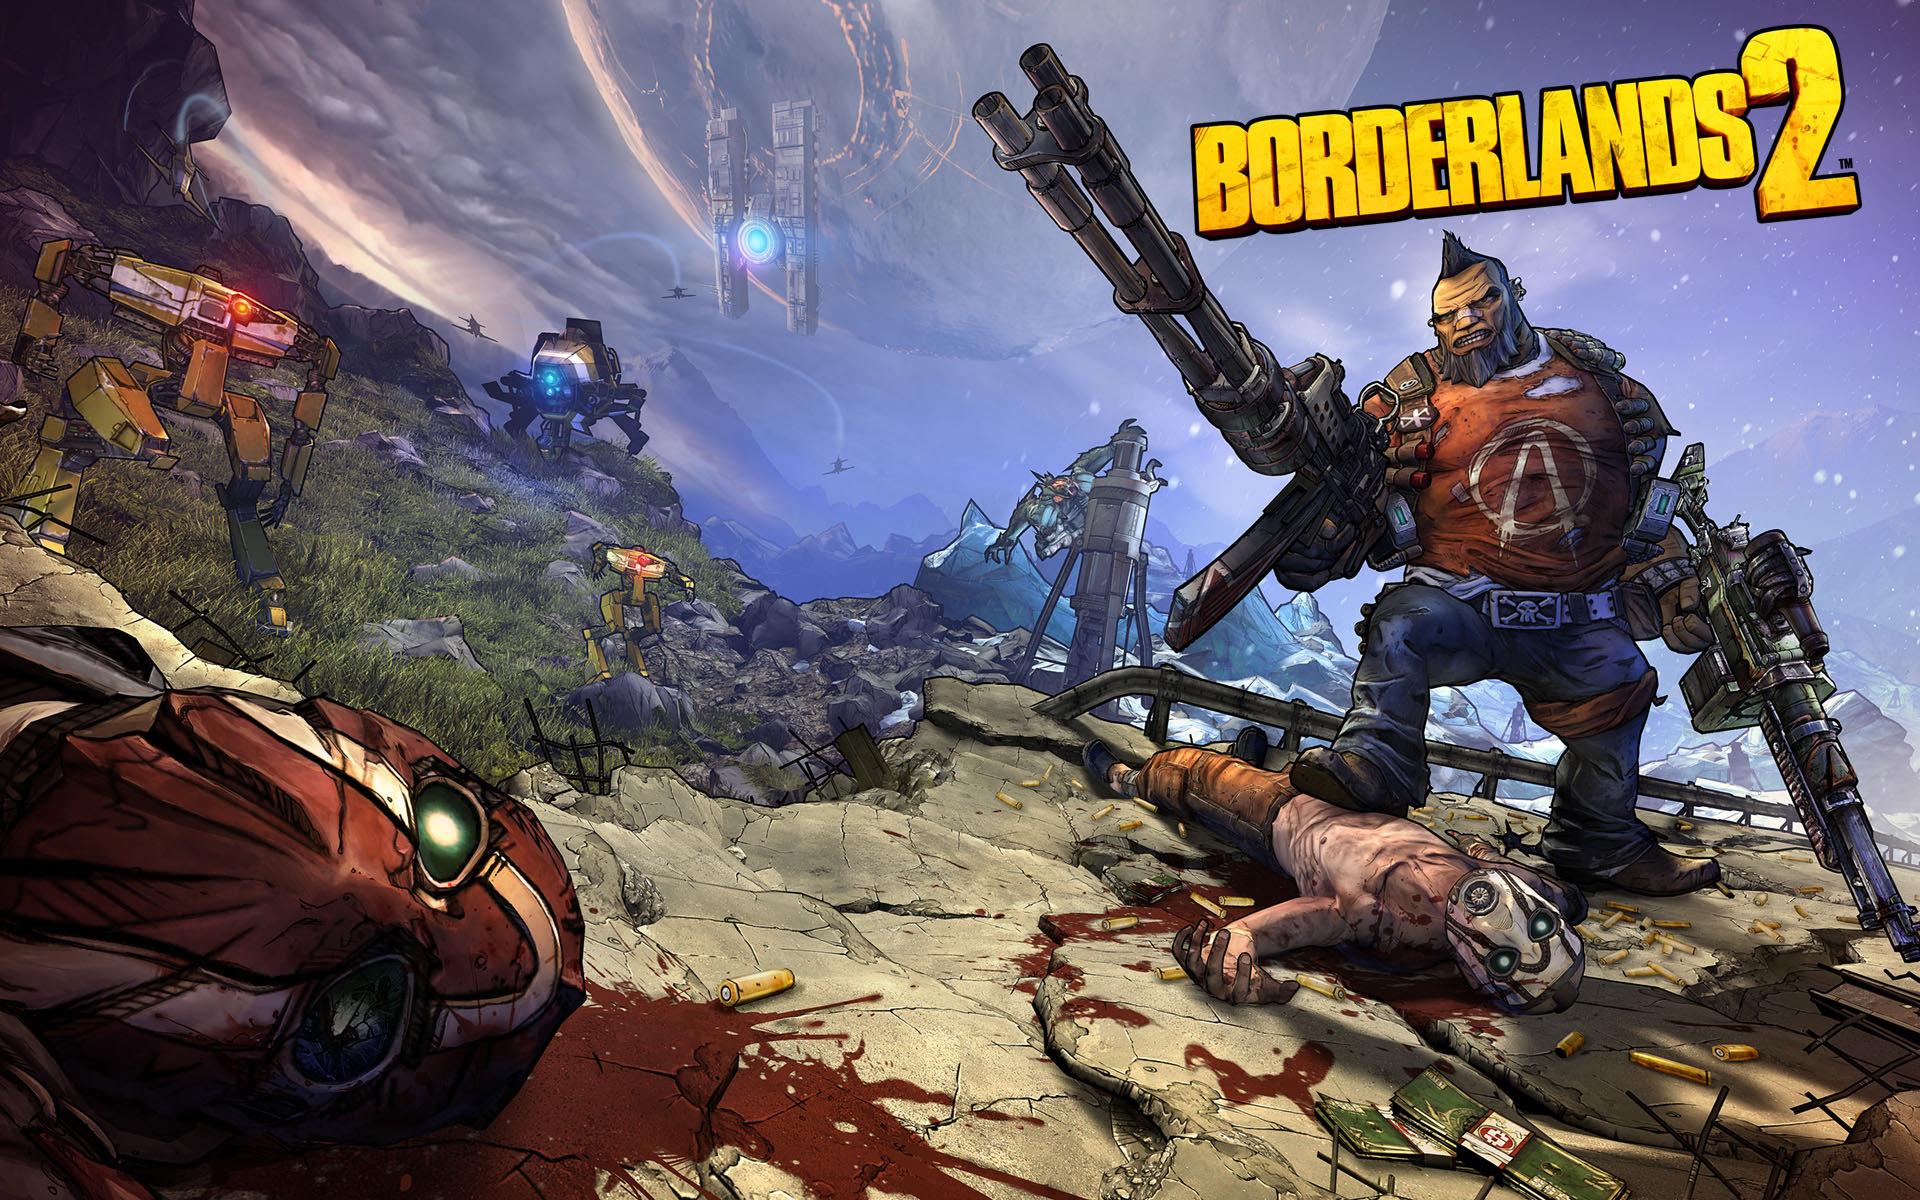 سی دی کی اریجینال استیم بازی Borderlands 2 GOTY